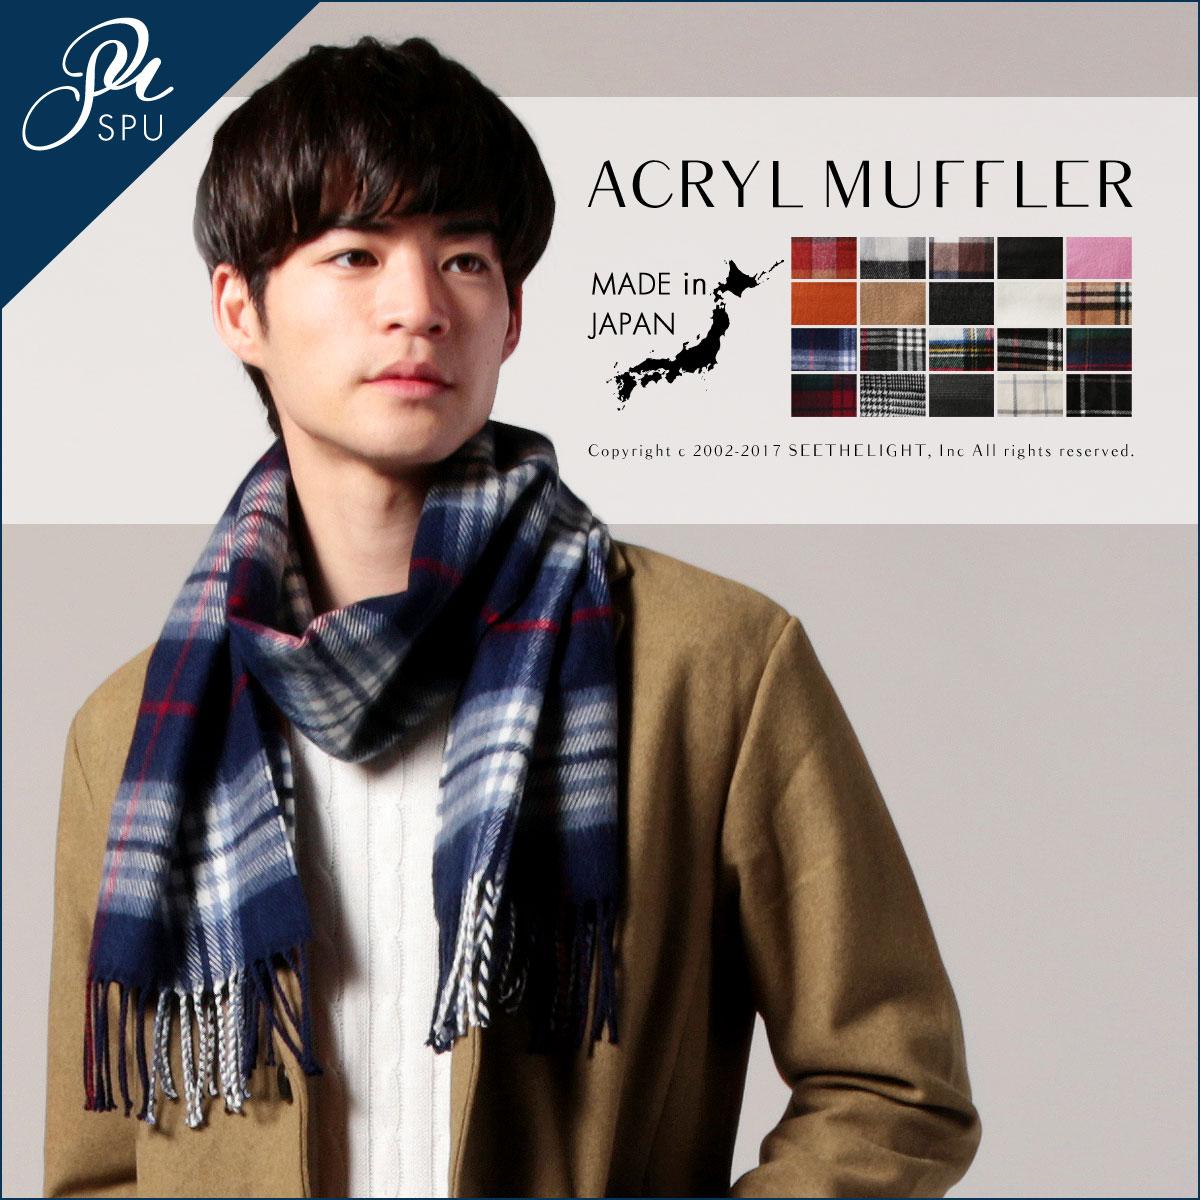 メンズ マフラー メンズファッション 冬 小物 日本製 アクリル 起毛 マフラー ASTARISK アスタリスク